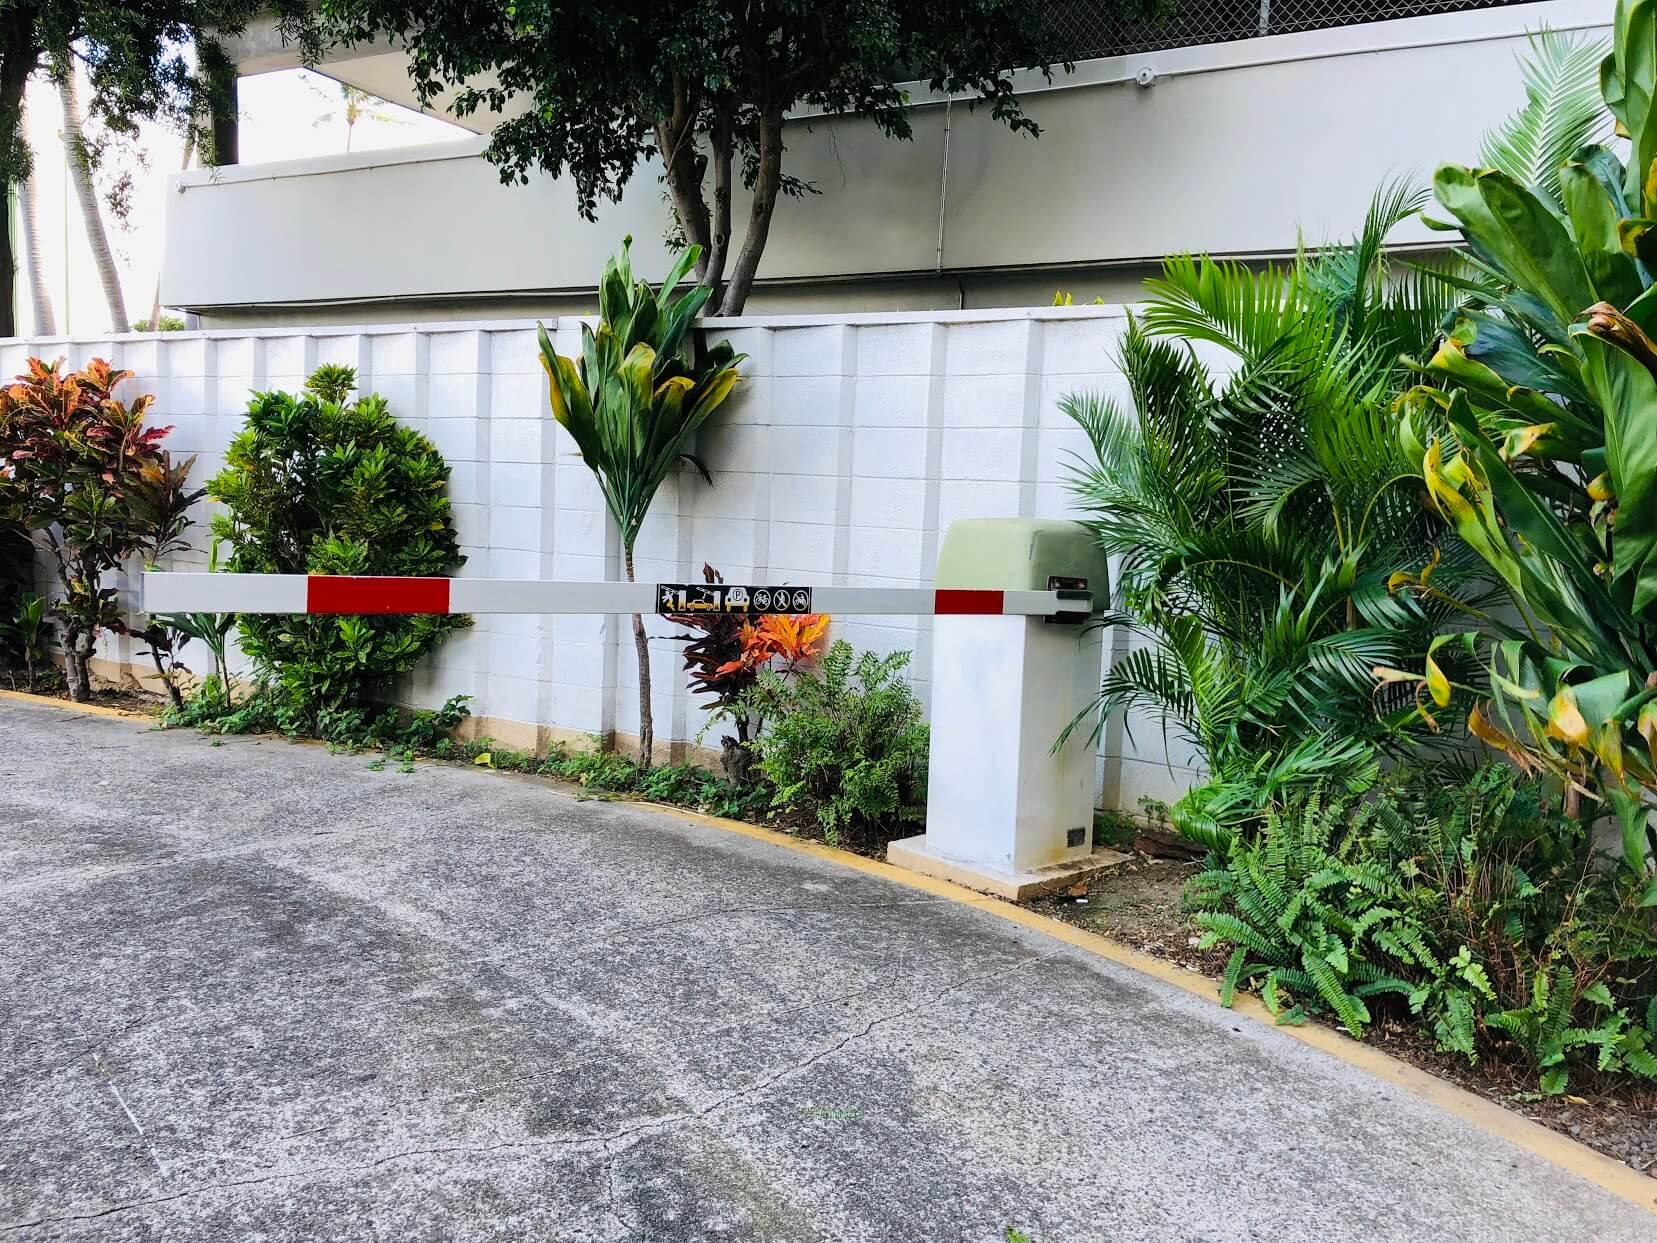 Waikiki Skylinerの駐車場